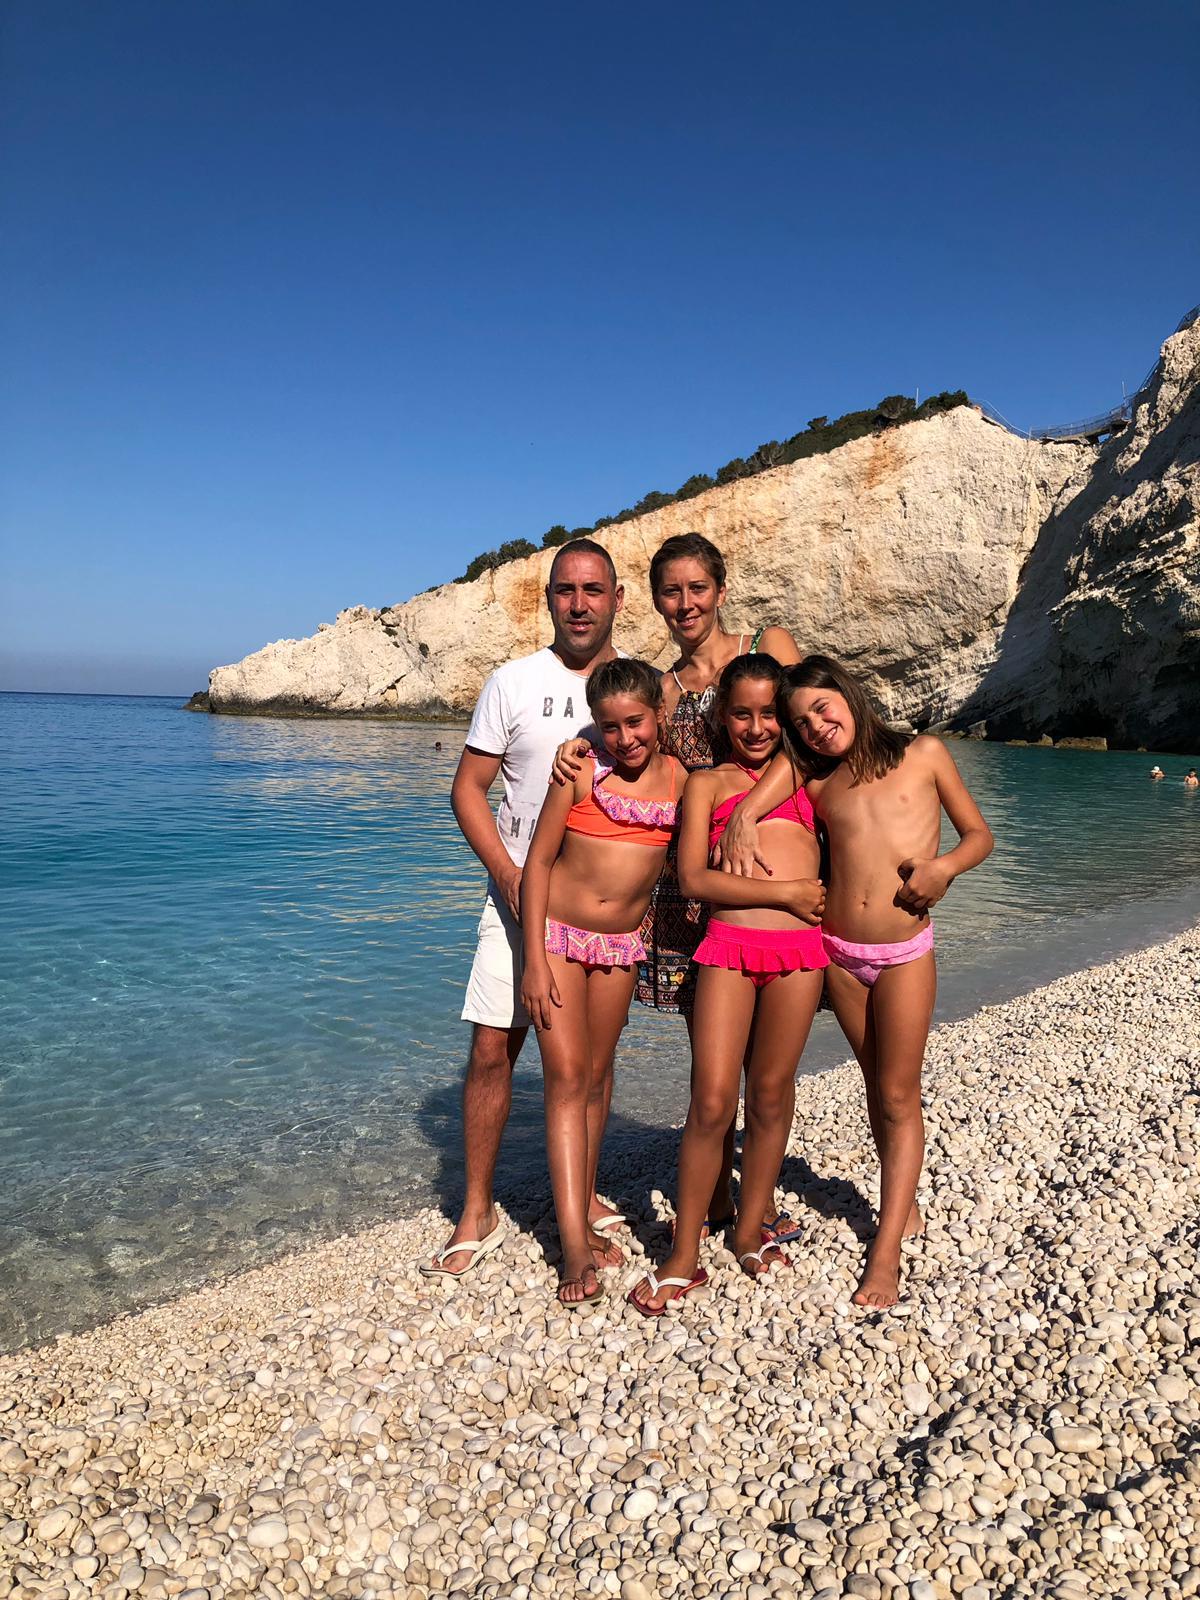 Andrea, Lara, Rachele, Veronica e Carlotta a Lefkada al 6 al 13 agosto 2019. #ConcorsoFotograficoViaggiCarmen2019